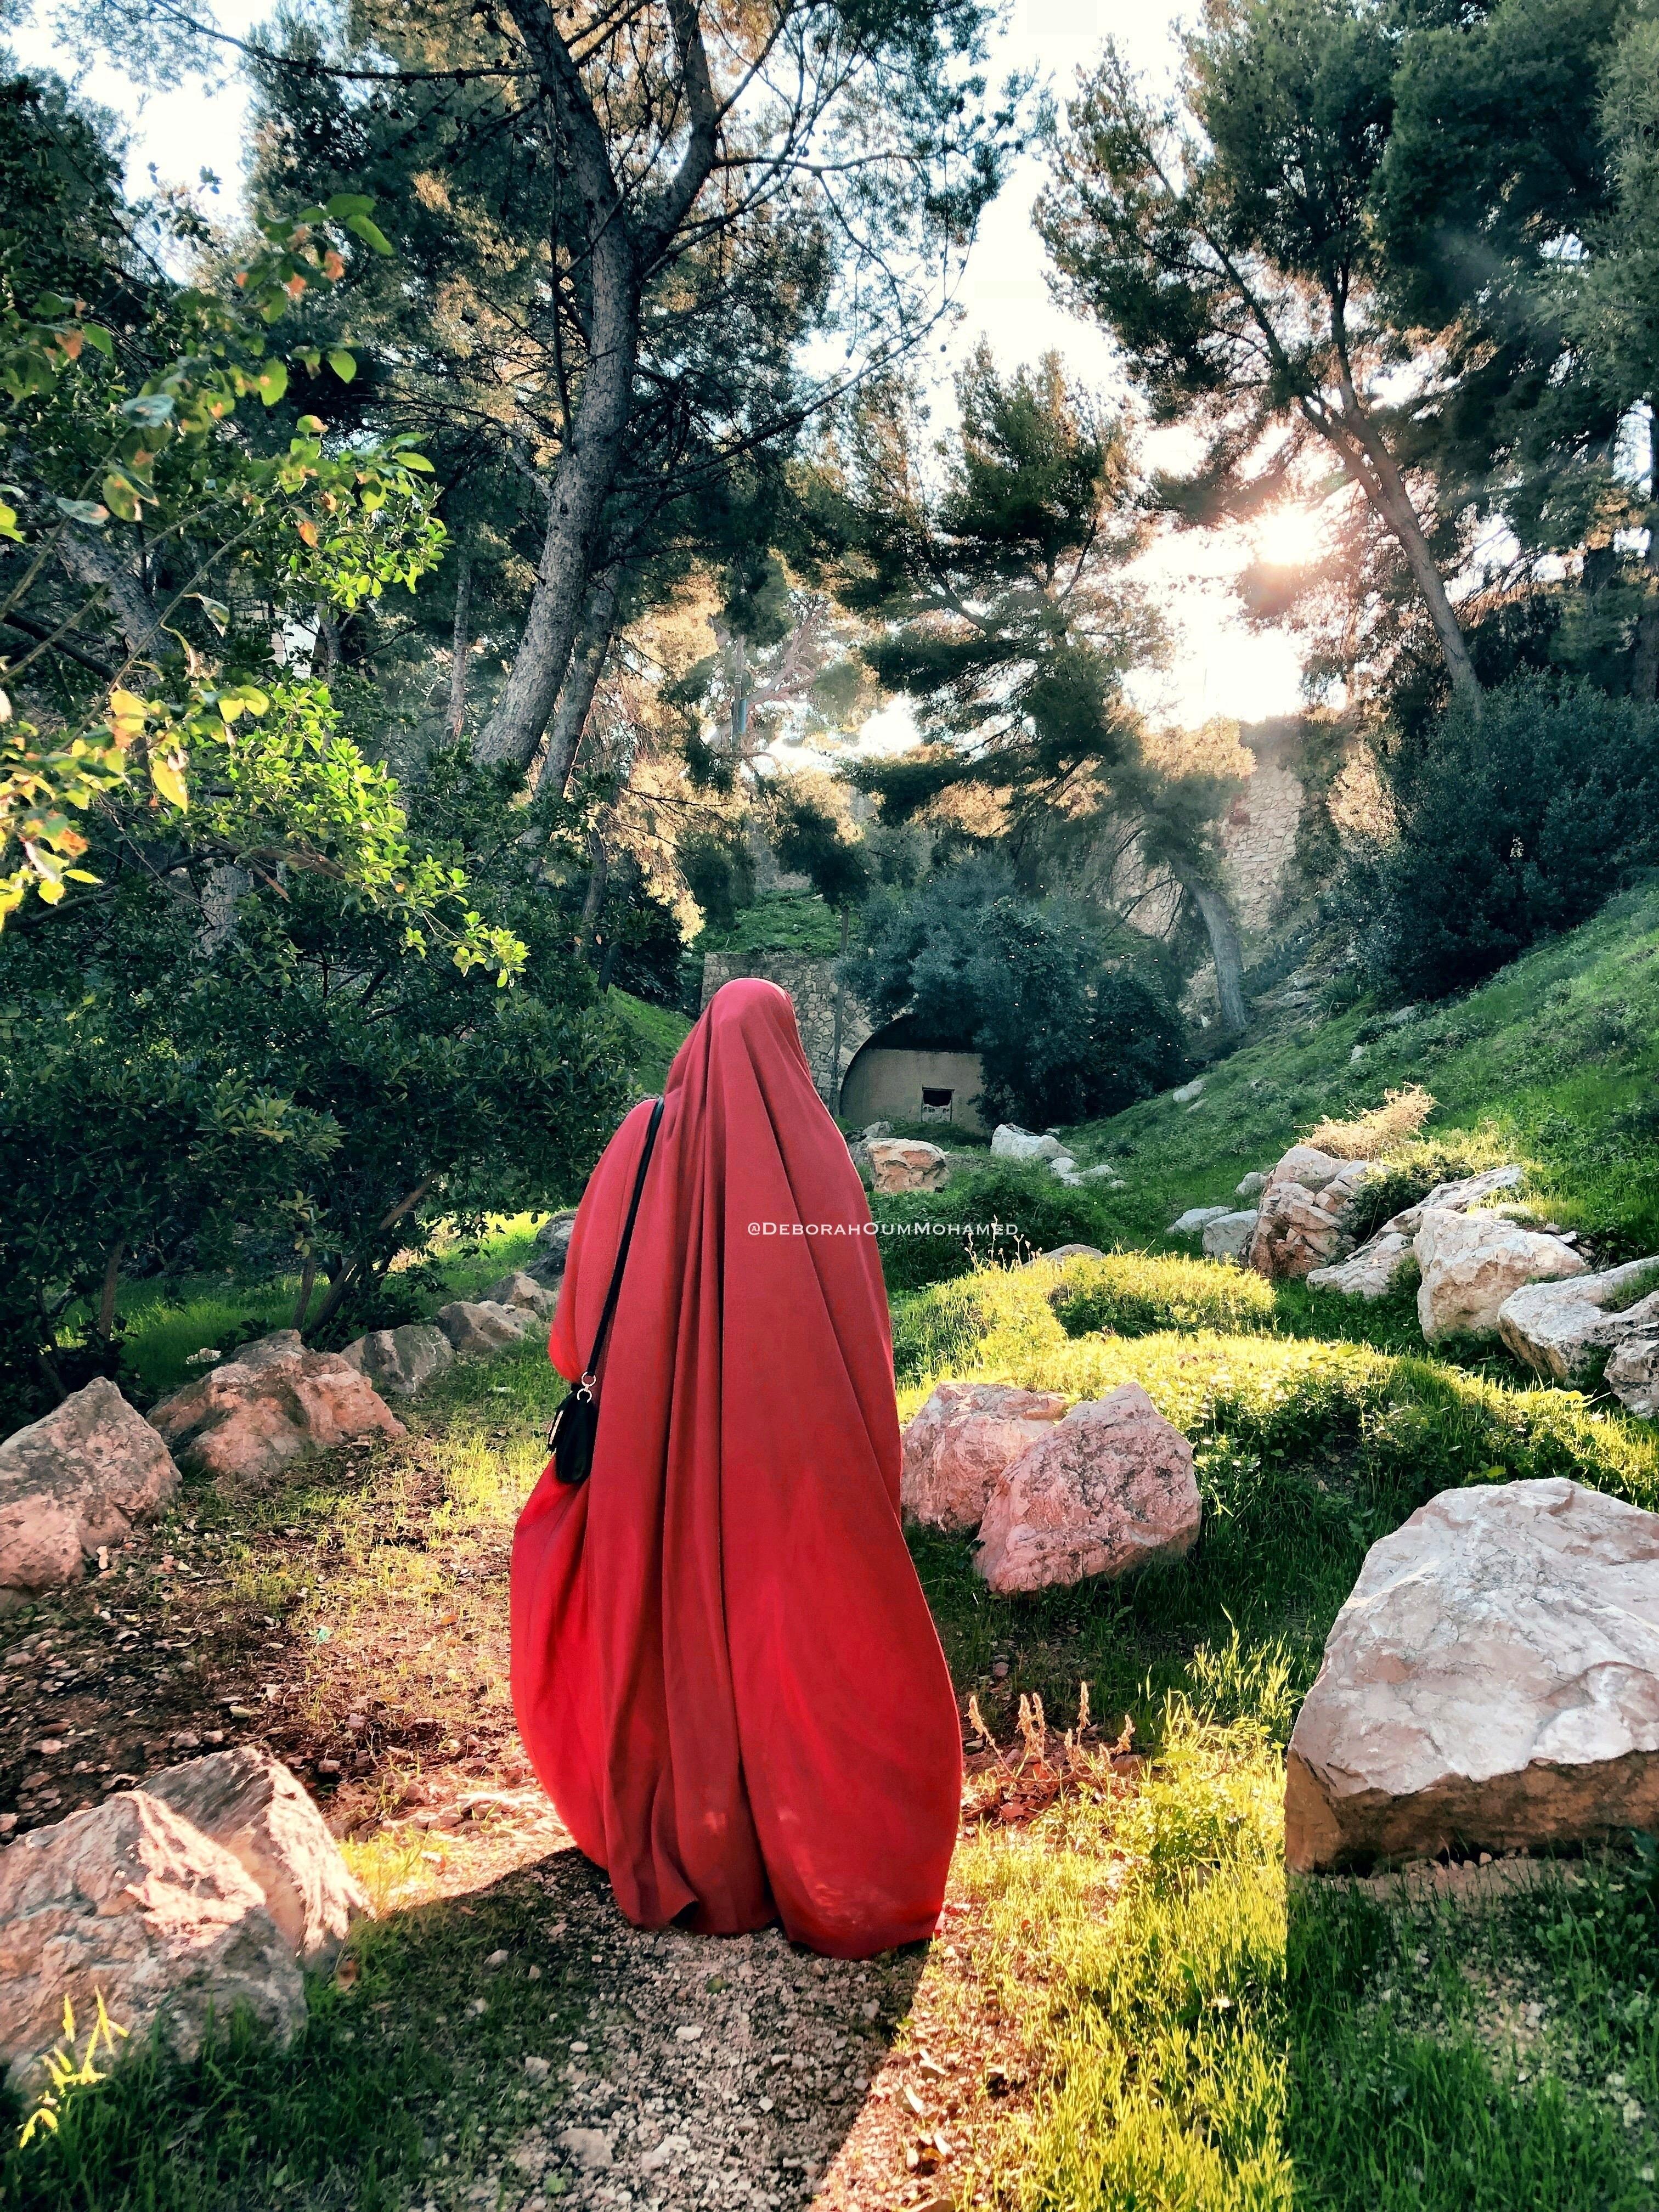 jilbab-saoudien-nidha-moultazimoun